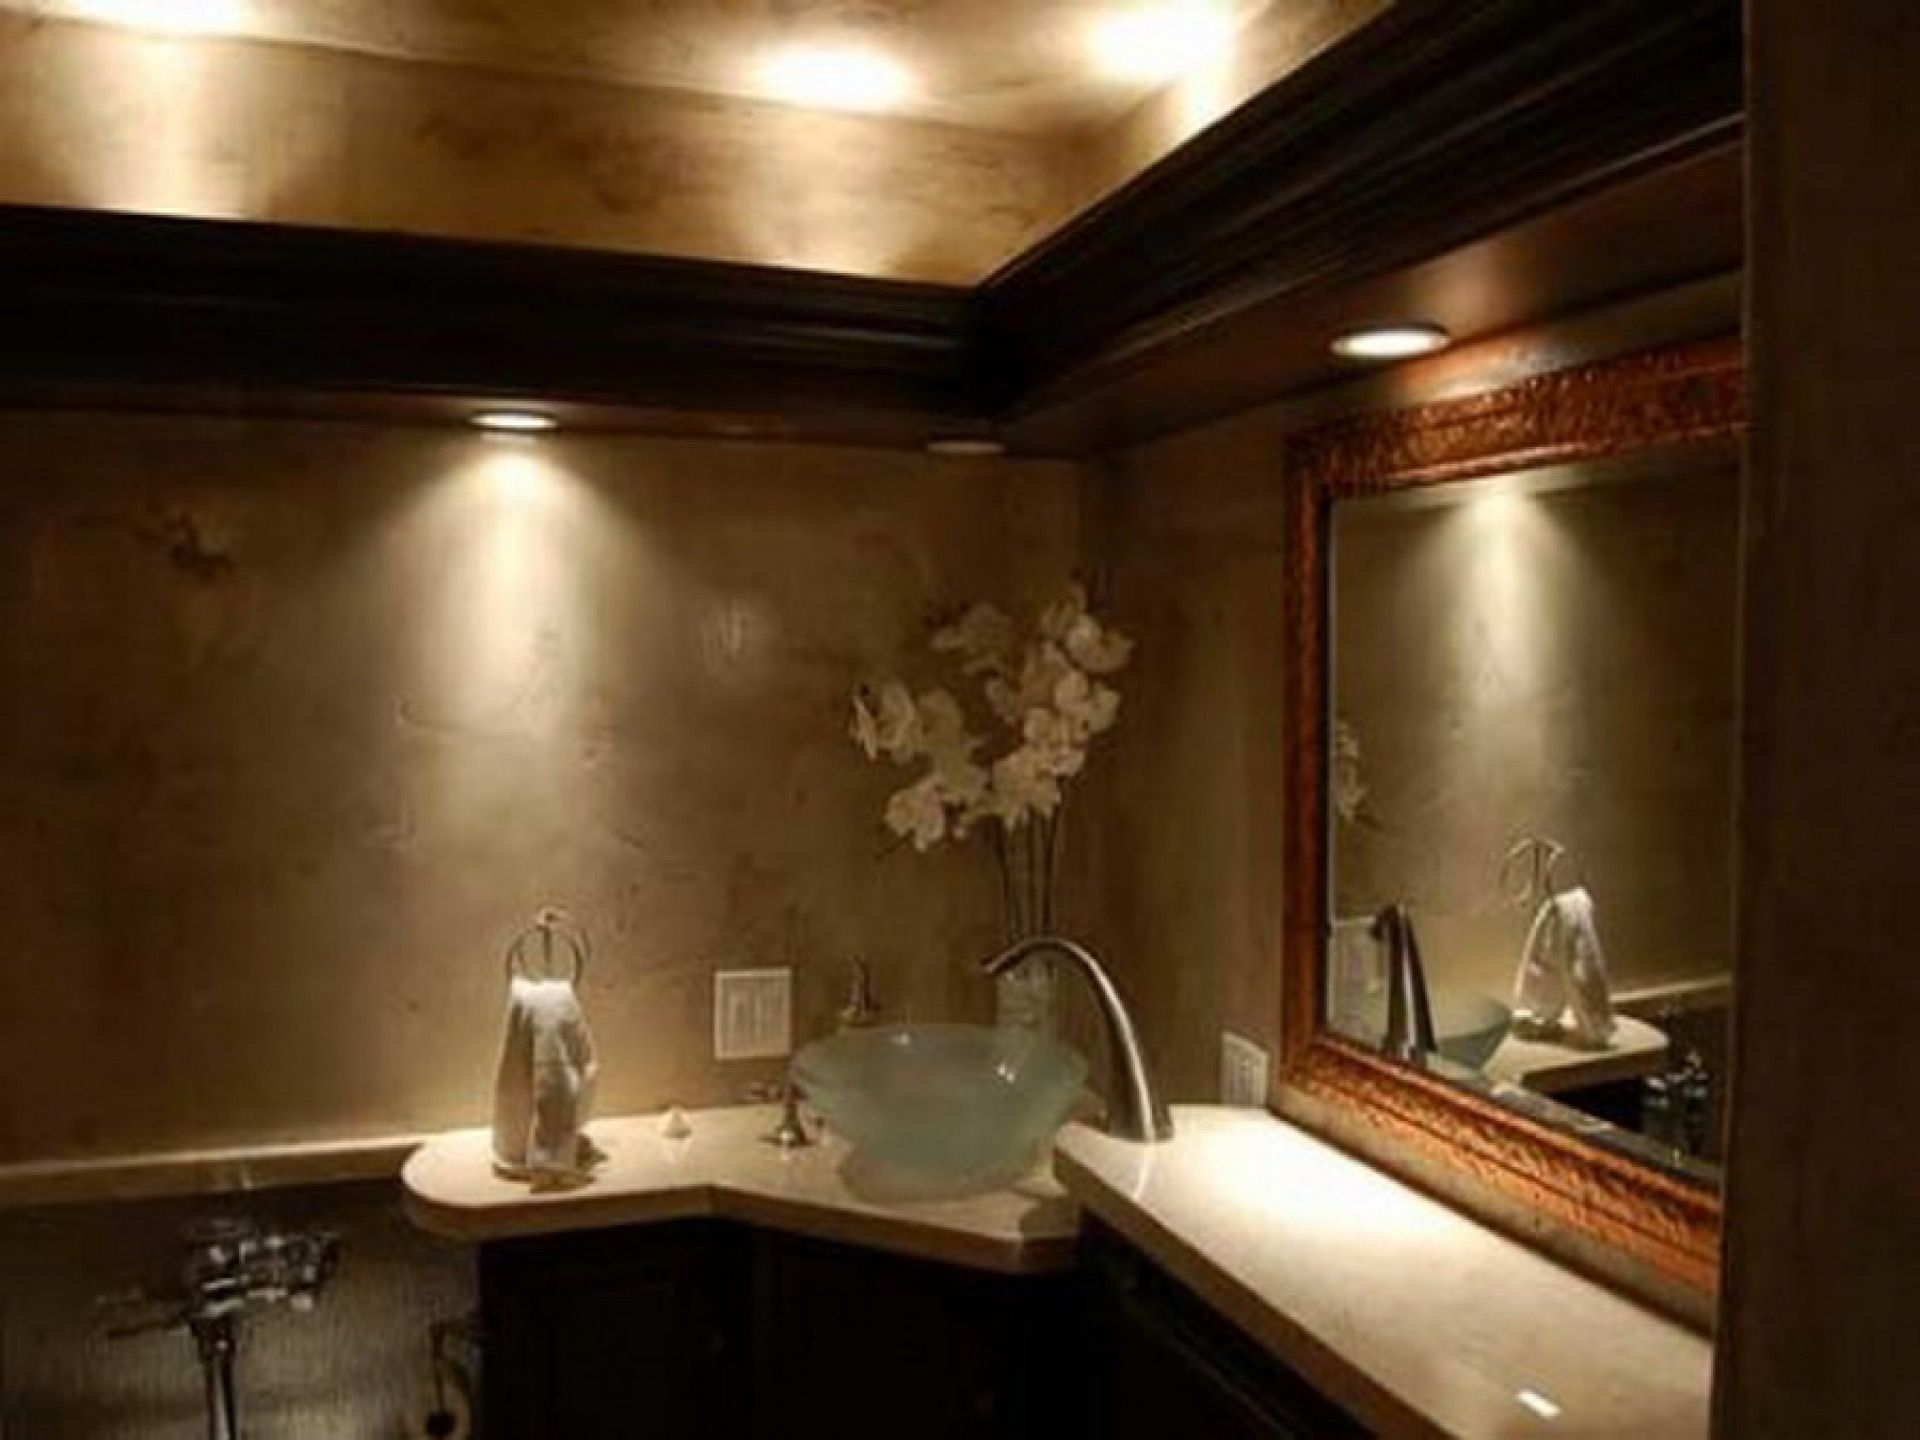 Rechte Sichtbare Sichtbare Leuchte Bad Licht Luftung In 2020 Badezimmerbeleuchtung Badezimmer Licht Schlafzimmer Wandspiegel